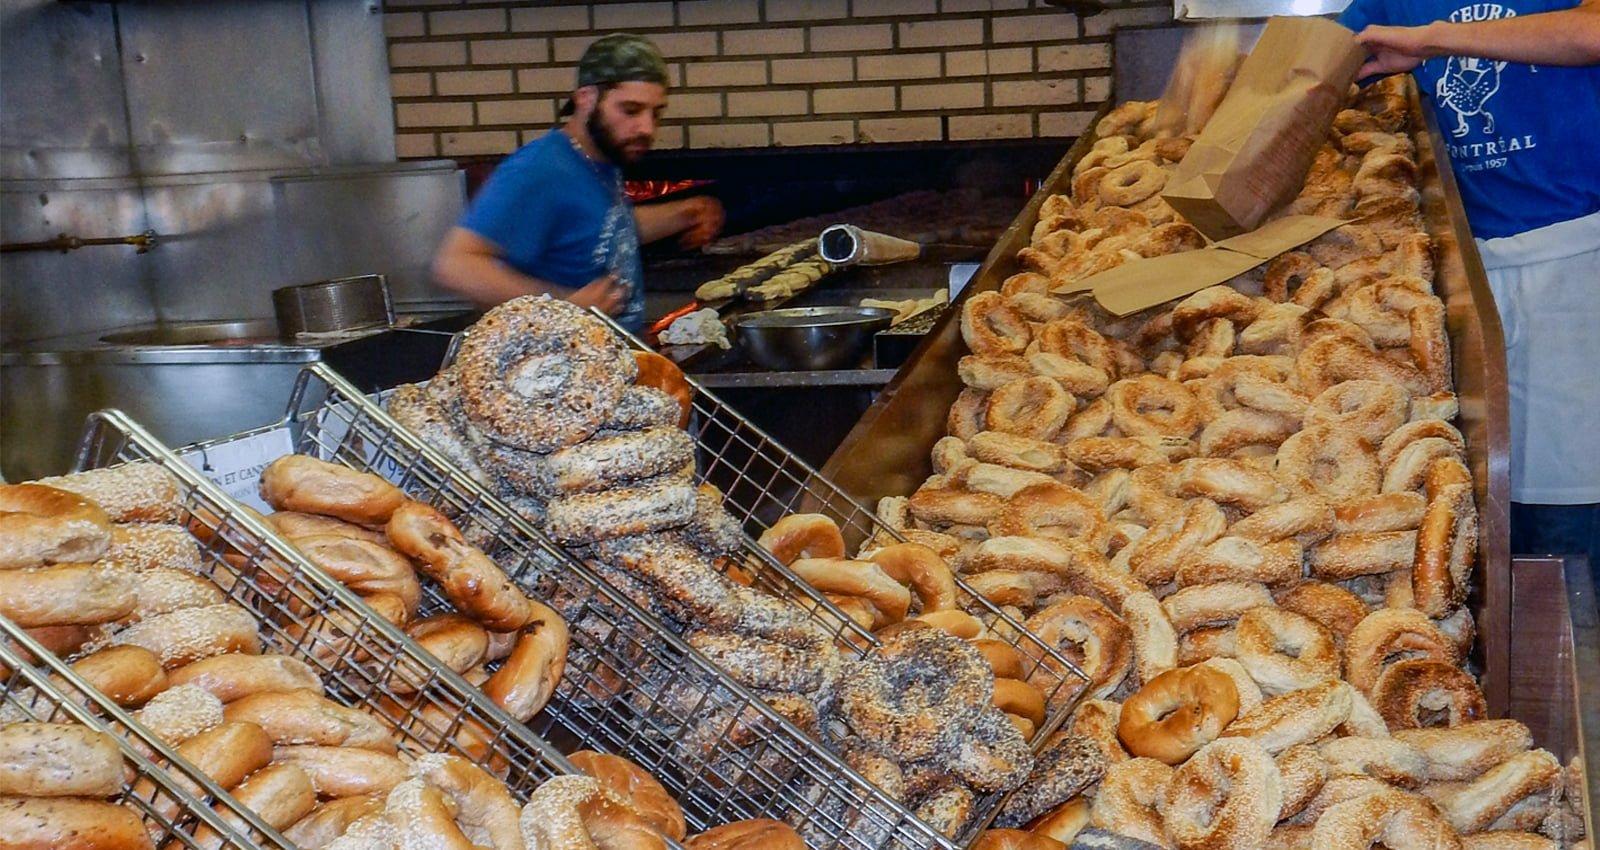 Montréal's Food Scene | St-Viateur Bagel Shop | Photo Courtesy of Diana Lambden Meyer